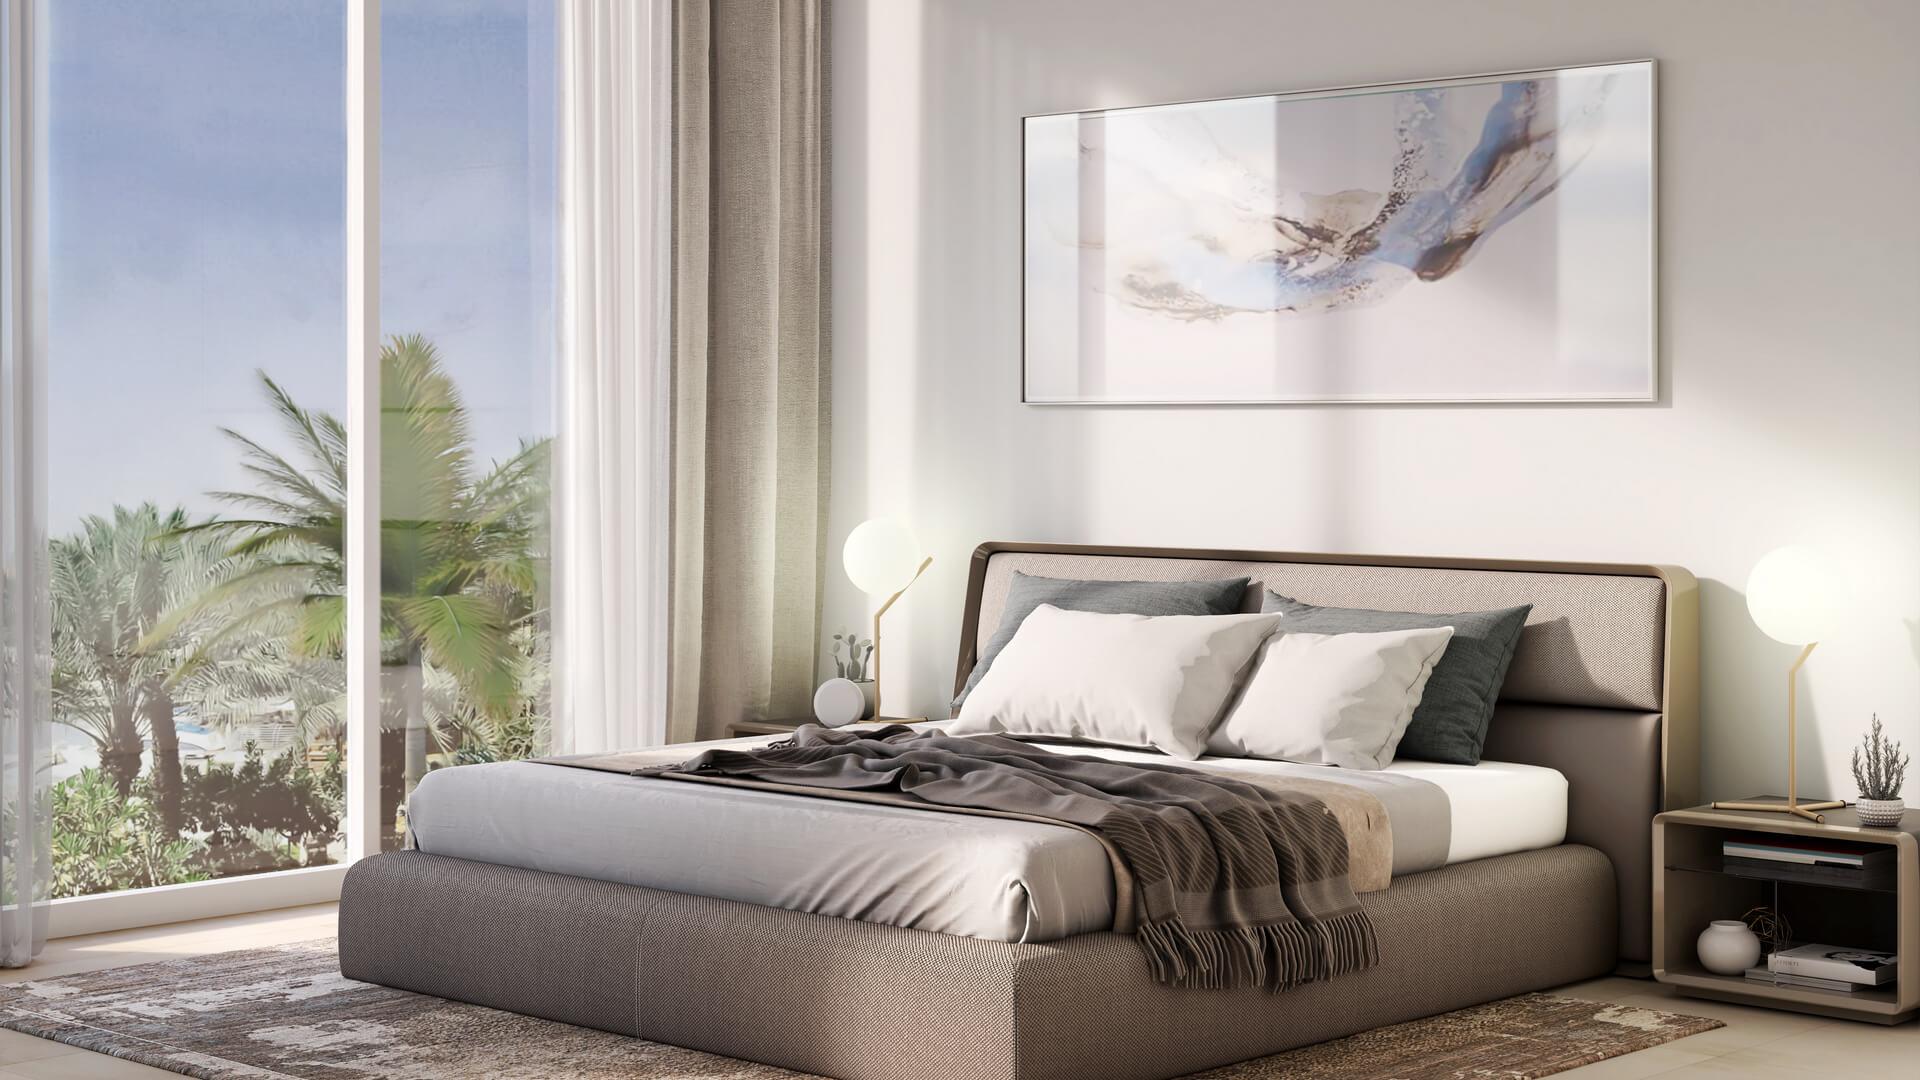 Villa en venta en Dubai, EAU, 3 dormitorios, 180 m2, № 24047 – foto 6